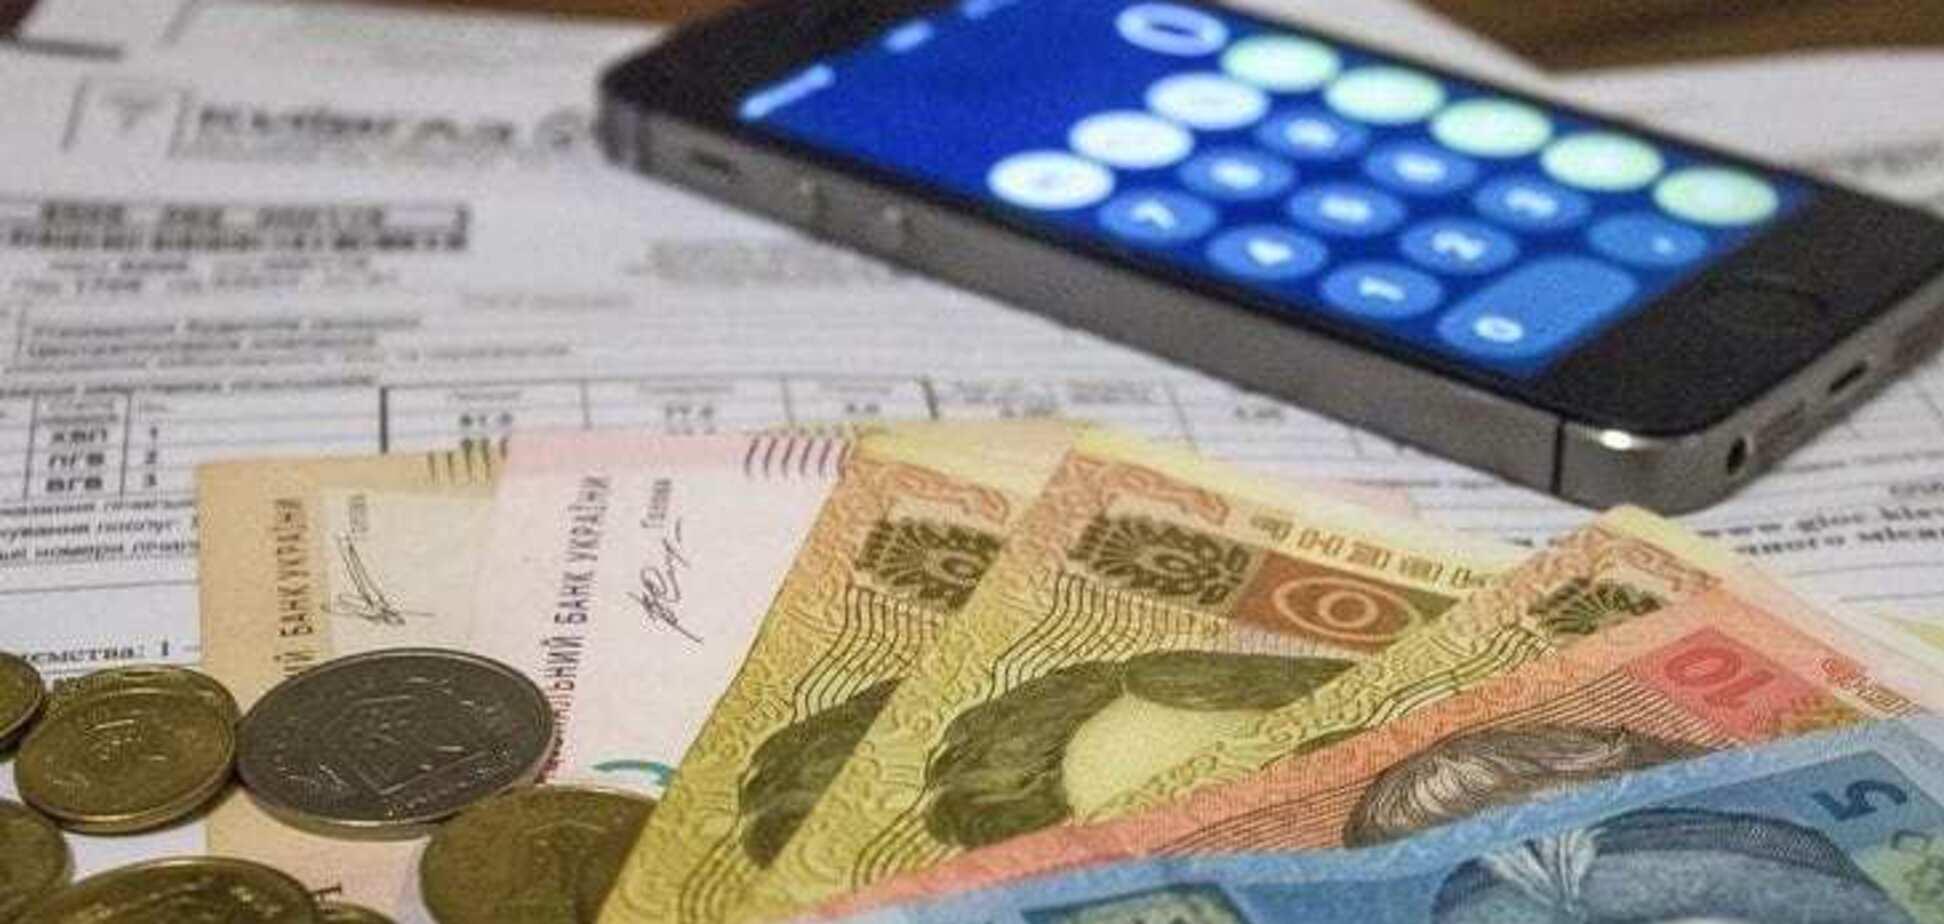 Повышение тарифов уже не за горами: сколько заплатят украинцы за газ, отопление и свет